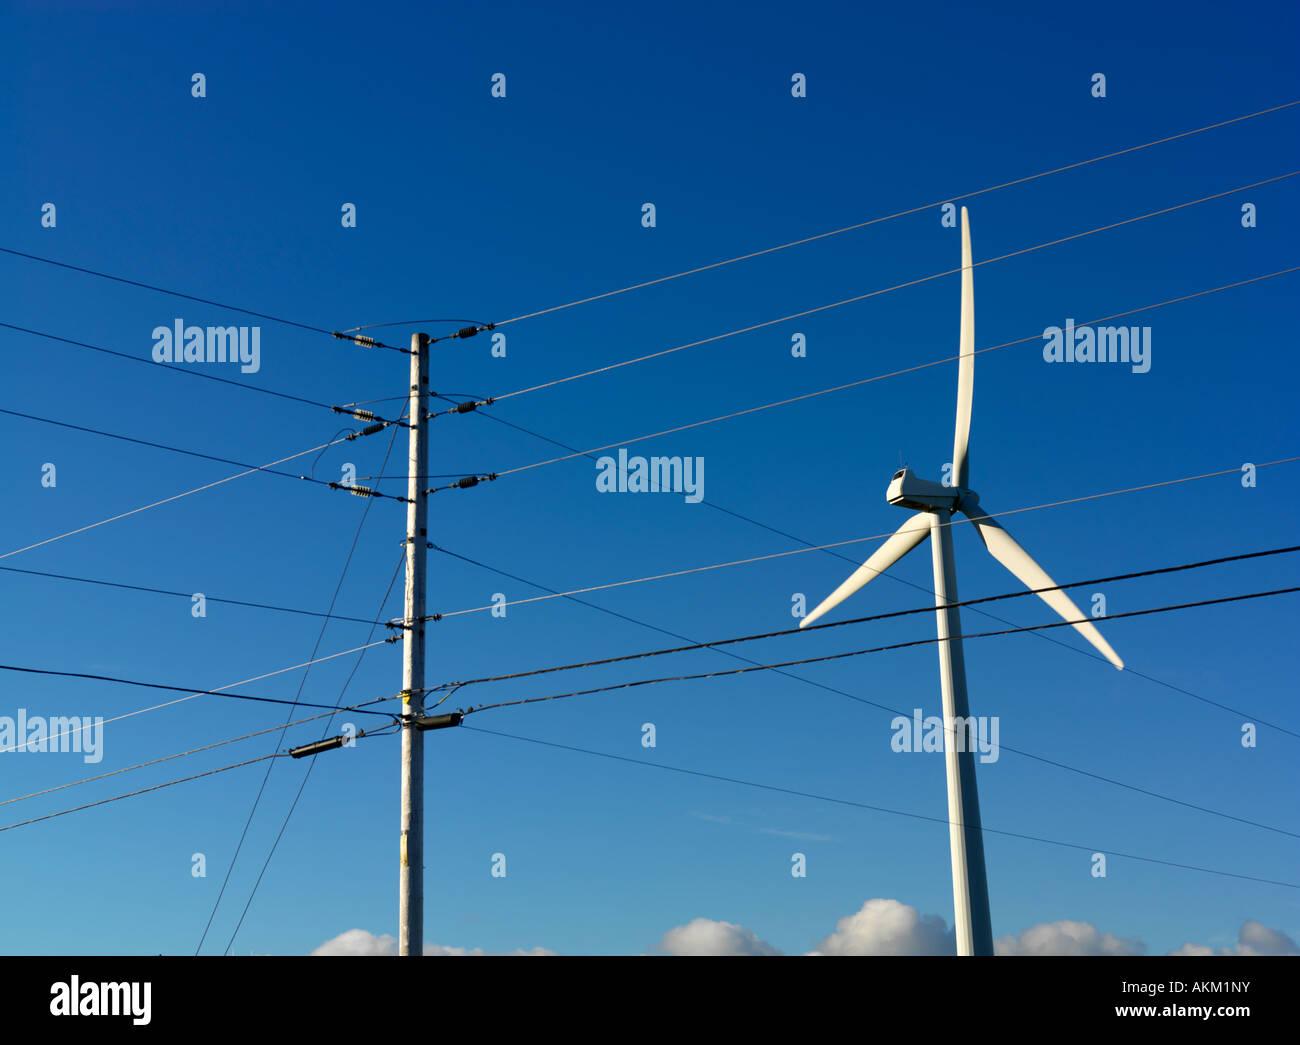 Kanada-Quebec Gaspesie Cap Chat Windkraftanlage zur Erzeugung von Strom und Hydro Stromleitungen Stockbild